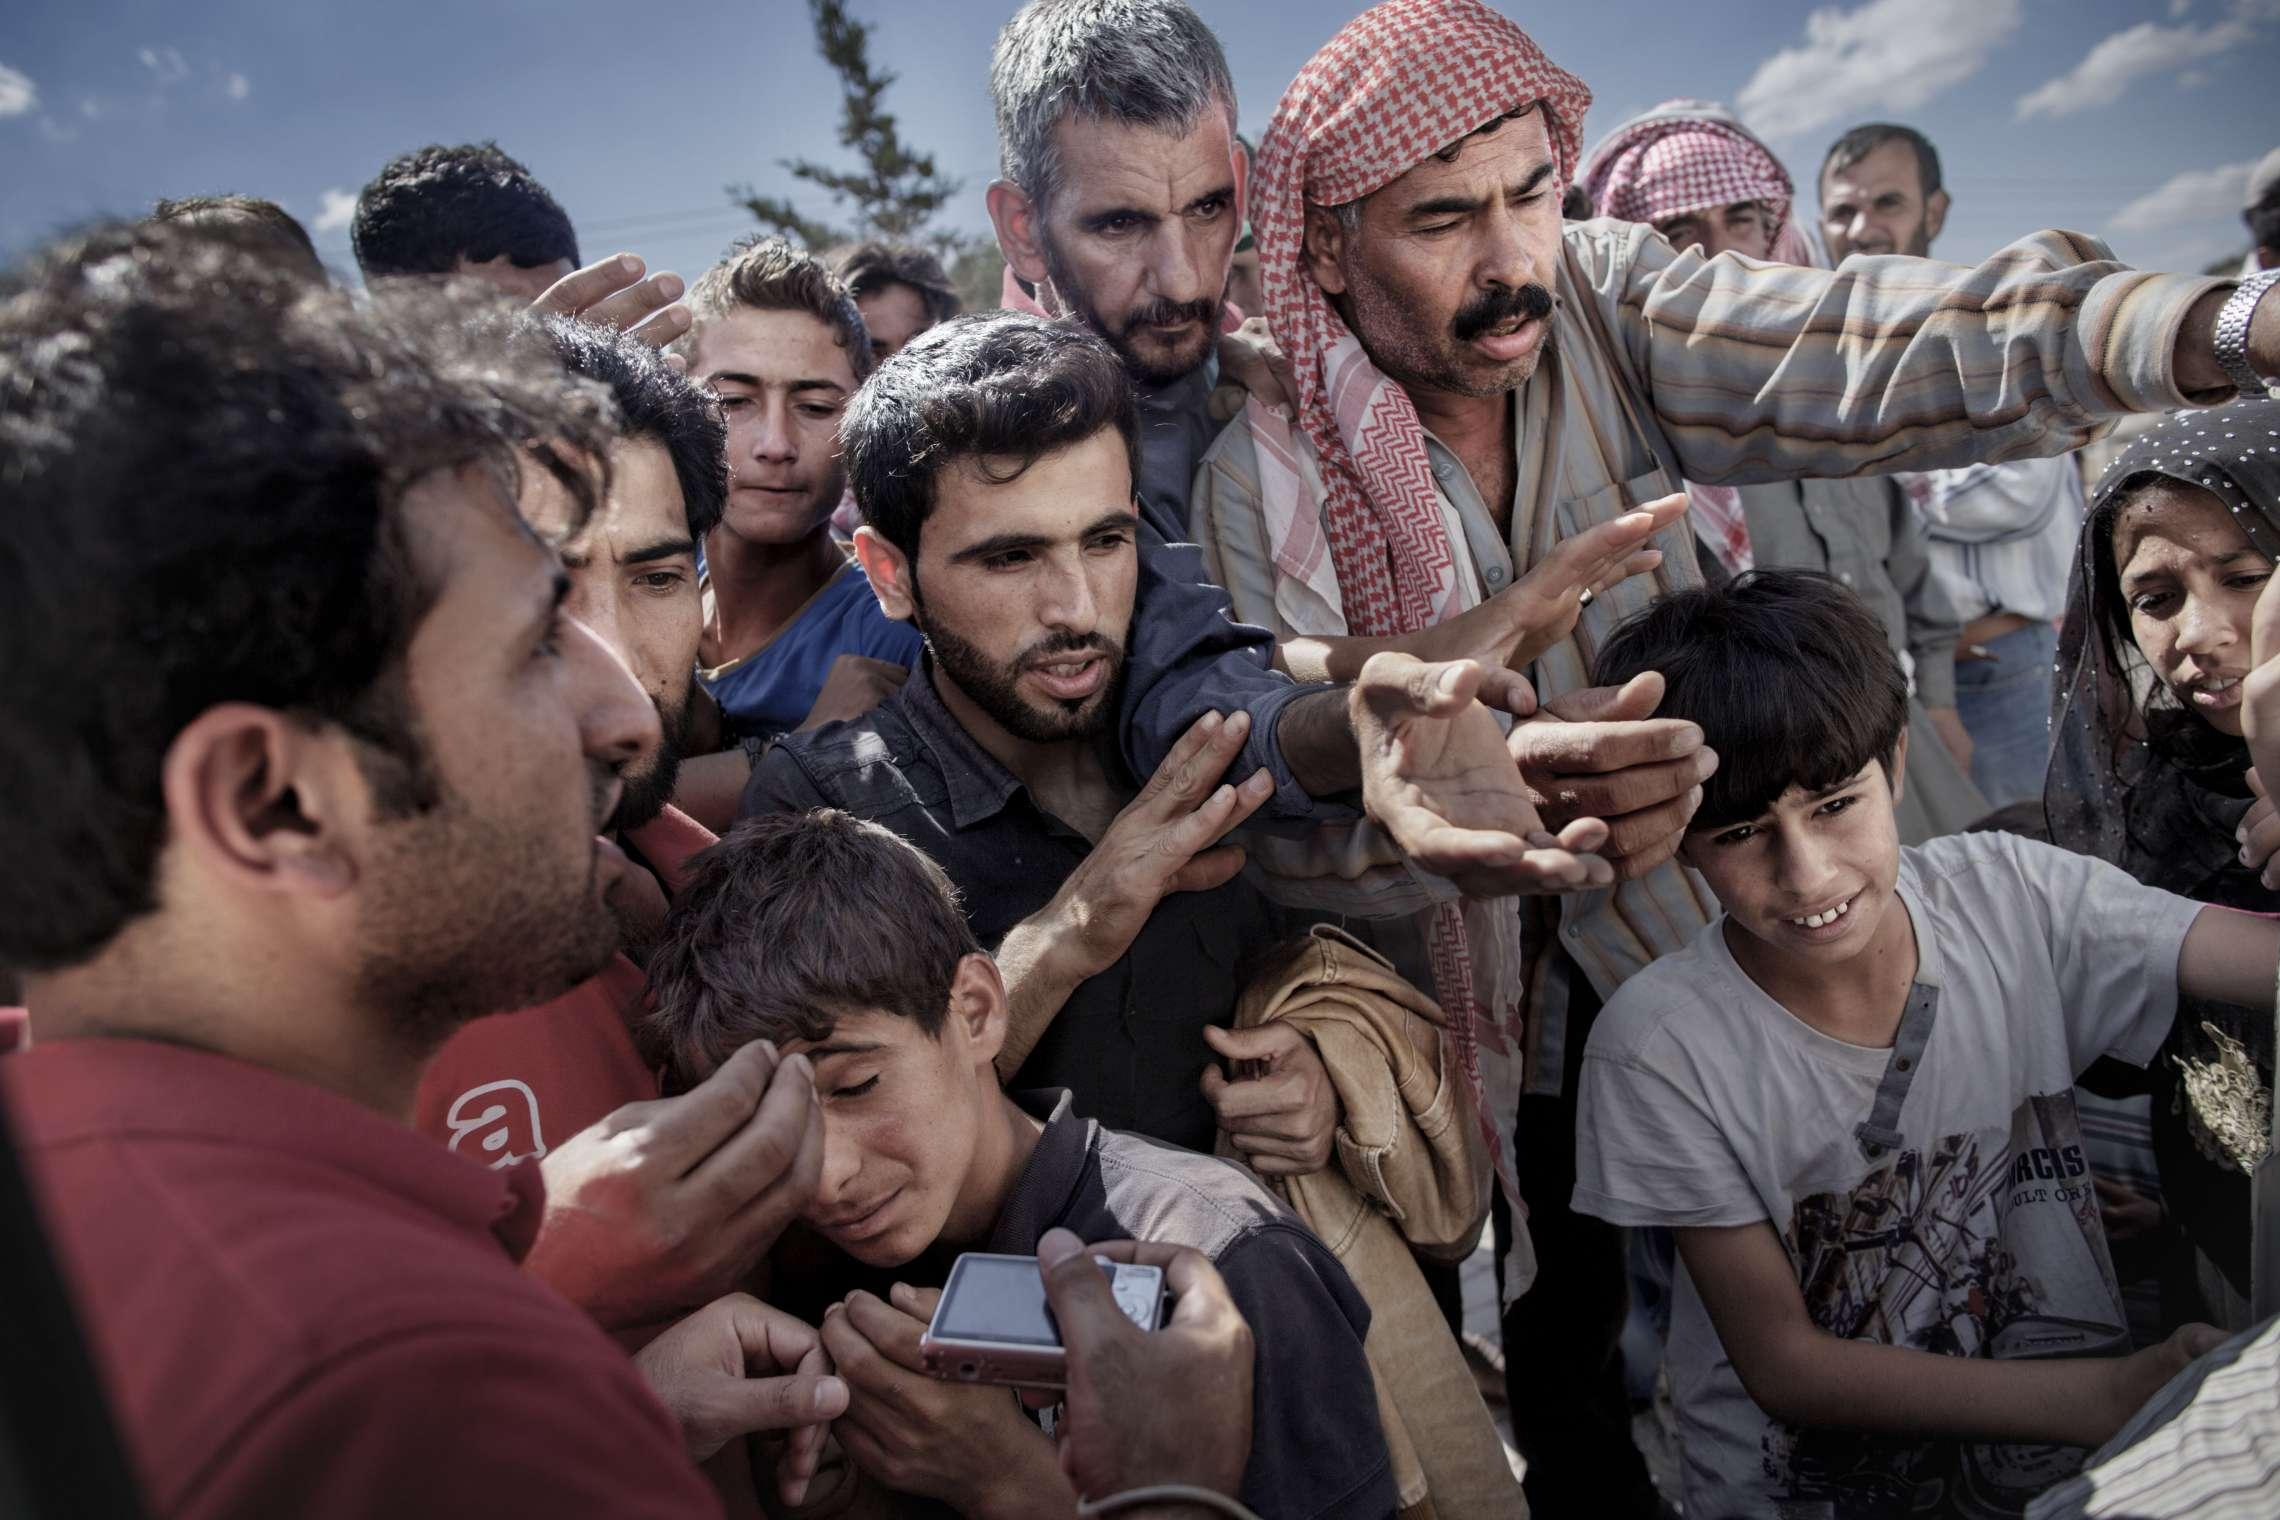 00619 14. Årets fotojournalist 20.06.2015 Syriske flyktninger venter rundt en varebil hvor frivillige deler ut vann og såpe i Akcakale, Tyrkia, på grensen mellom Tyrkia og Syria. Titusener krysset grensen mellom de to landene i 2015 for å komme unna krigen som herjer i Syria. Over en million flyktninger har kommet til Europa i 2015 via sjøveien, en stor andel av dem syrere som rømmer fra den brutale borgerkrigen i deres hjemland. De aller fleste av dem har fulgt ruten gjennom Tyrkia, Hellas, Balkan til nord-Europa. Tusener har omkommet i overfylte båter på Middelhavet, desperate flyktninger har levd i overfylte leire, europeiske myndigheter har stått overfor den største flyktningkrisen på kontinentet siden 2. verdenskrig. Krisen har skapt splittelse i EU, grensegjerder har blitt bygget, men mest av alt har den bragt de globale utfordringene inn på vår dørstokk. Jeg fulgte i flyktningene fotspor, fra grensen mellom Syria og Tyrkia, til Hellas, Makedonia, Serbia, Kroatia, Slovenia til Tyskland.